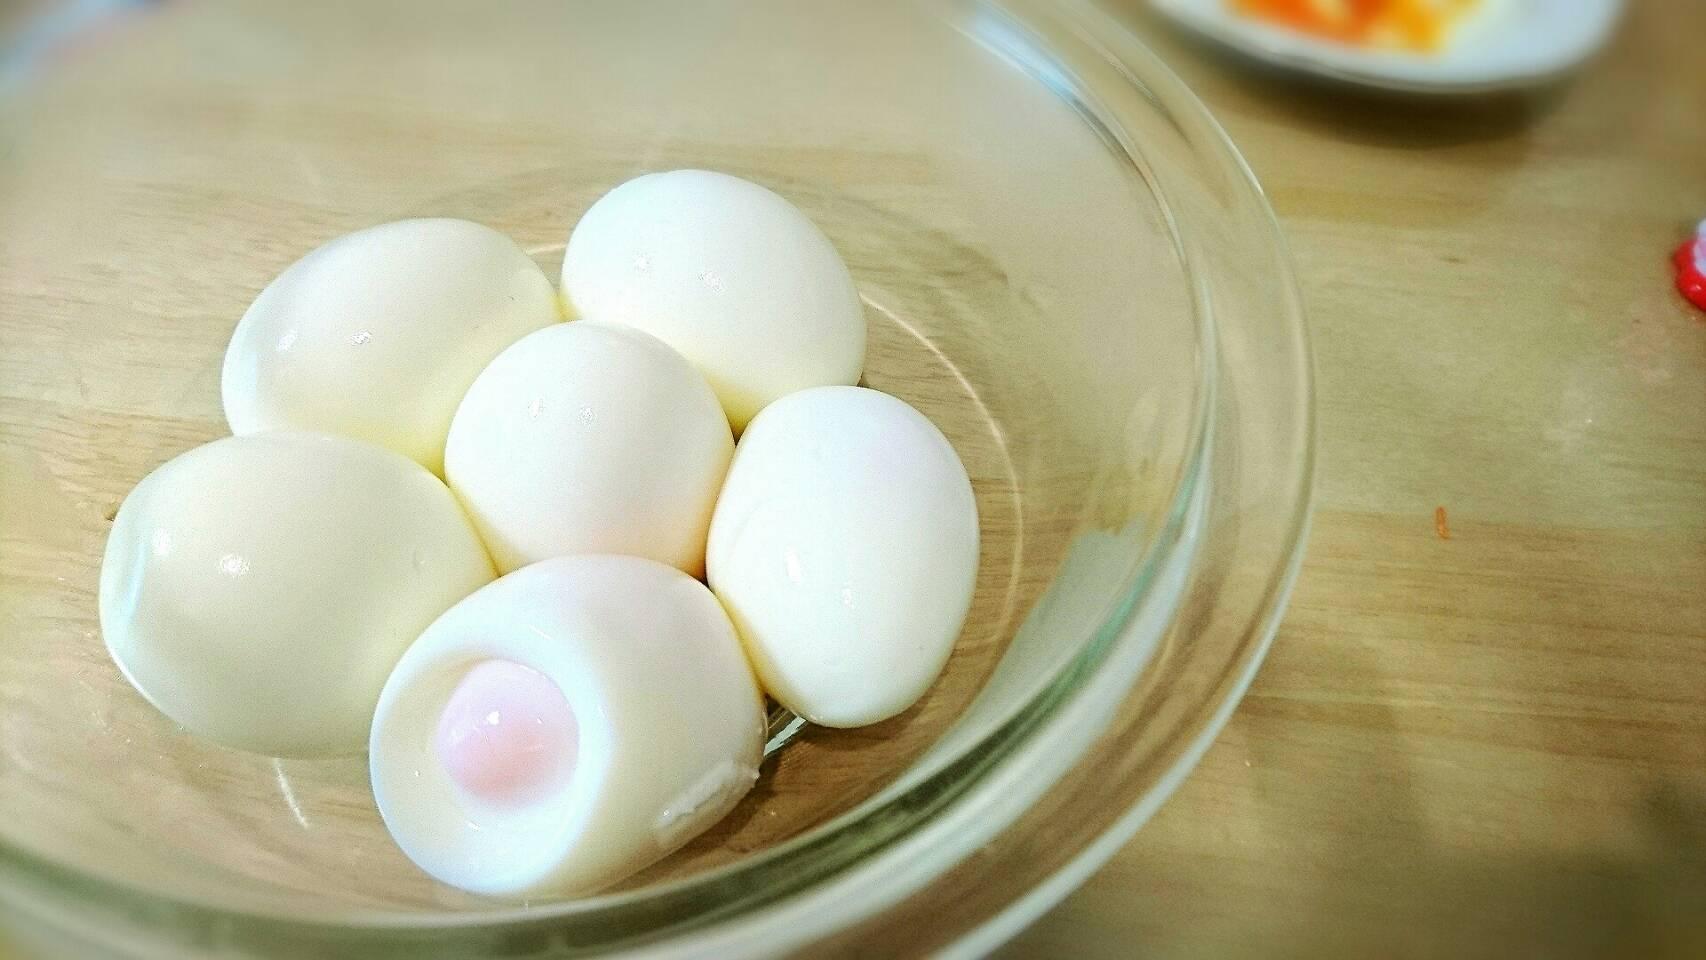 茹で卵の殻を簡単に剥く方法